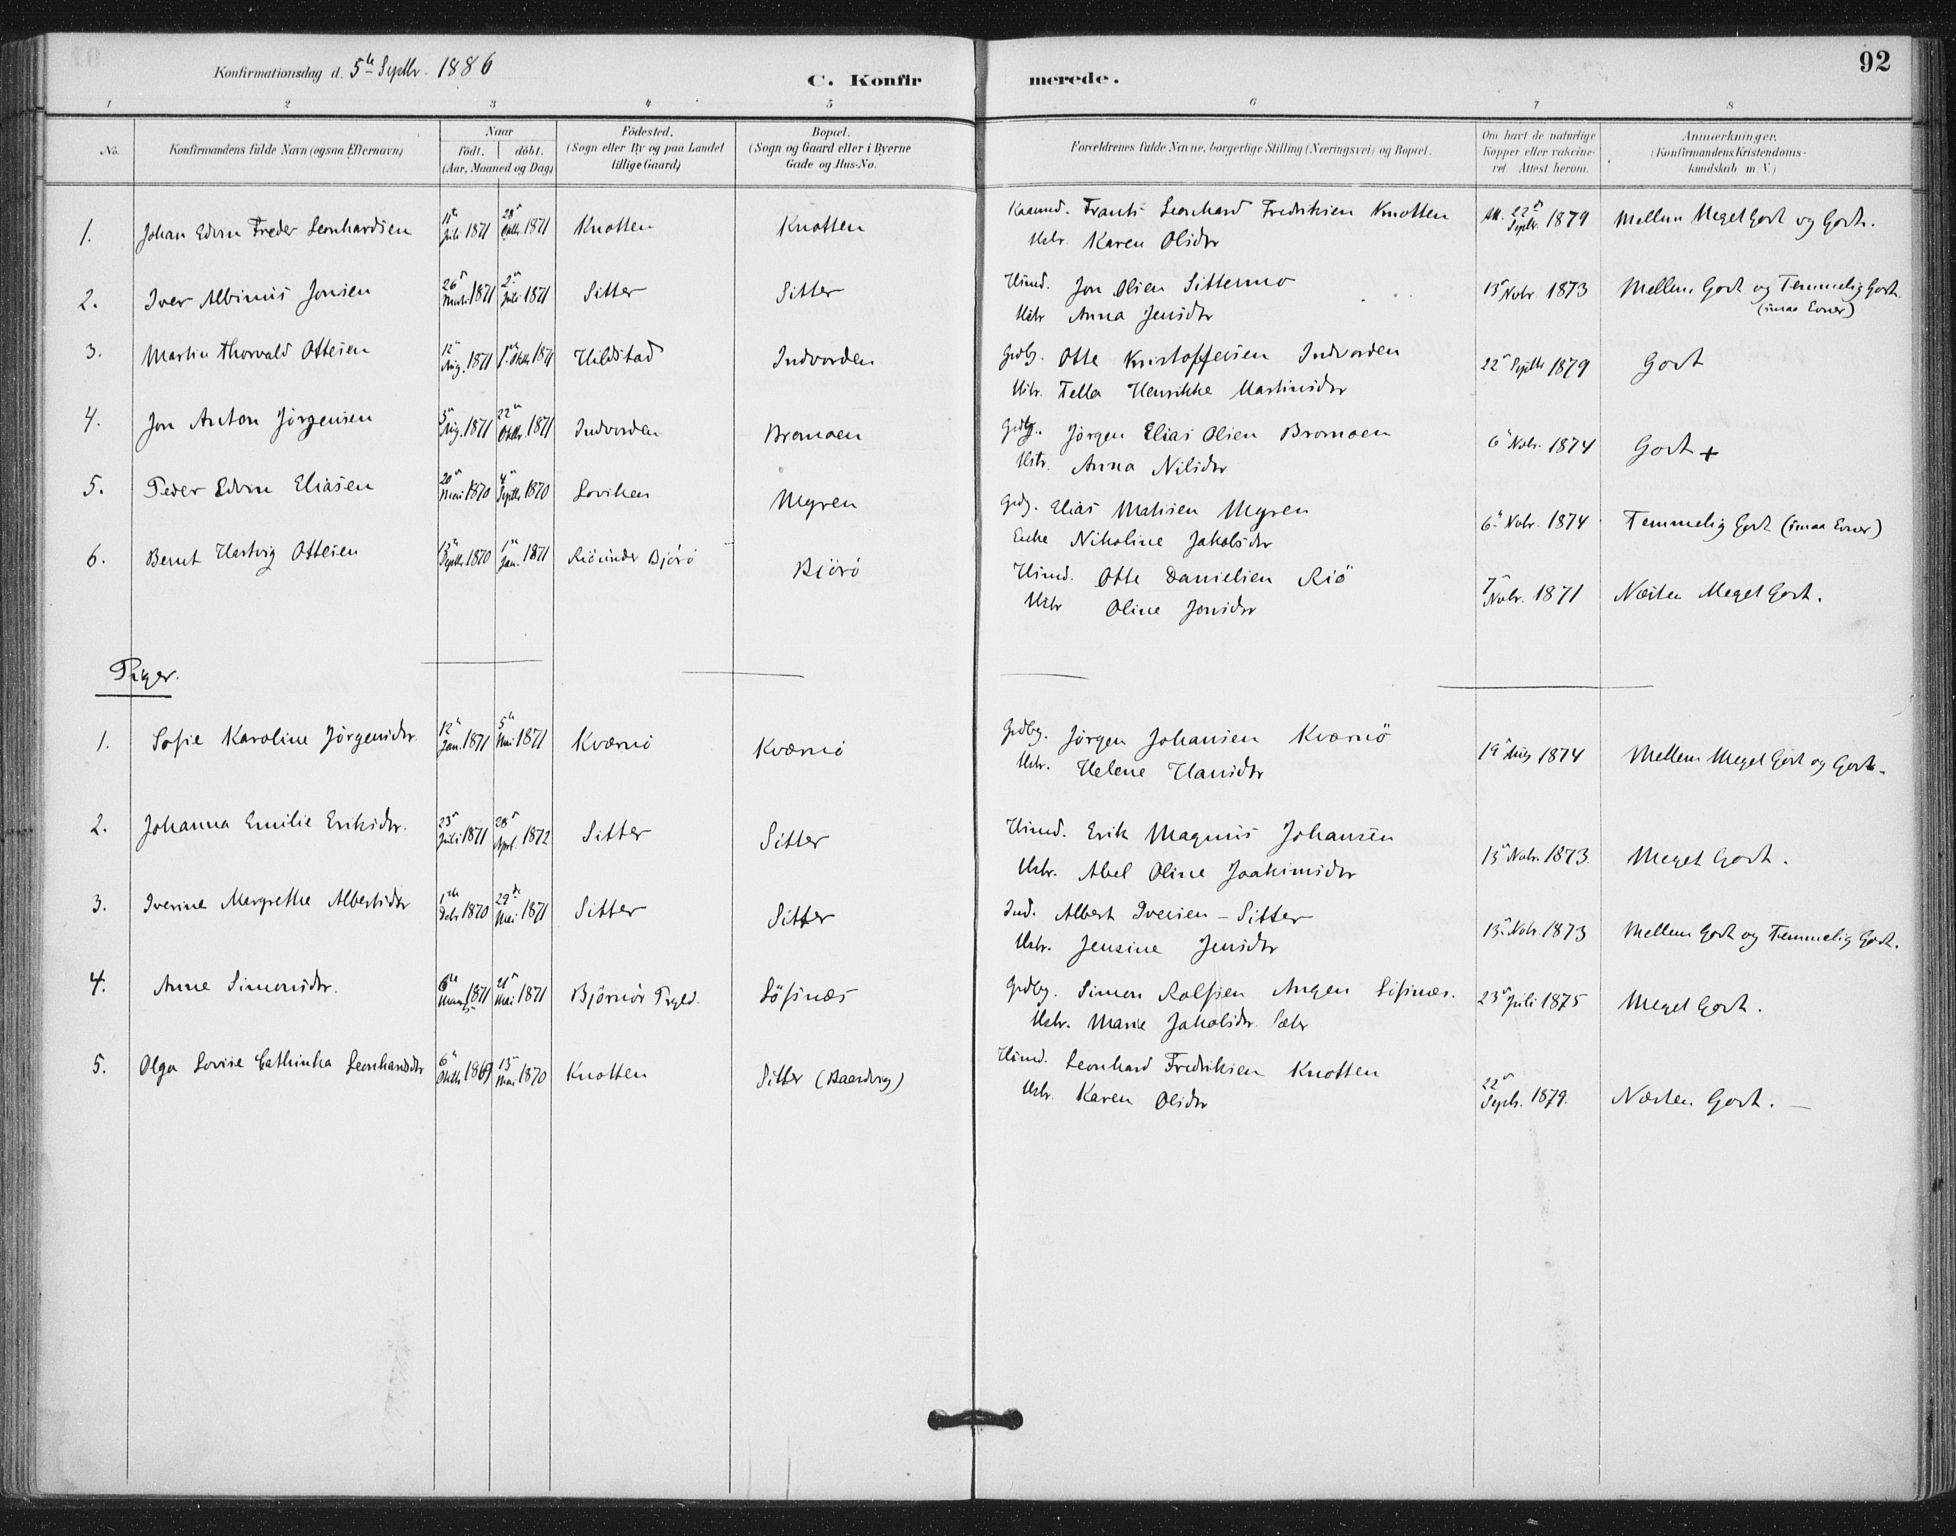 SAT, Ministerialprotokoller, klokkerbøker og fødselsregistre - Nord-Trøndelag, 772/L0603: Ministerialbok nr. 772A01, 1885-1912, s. 92